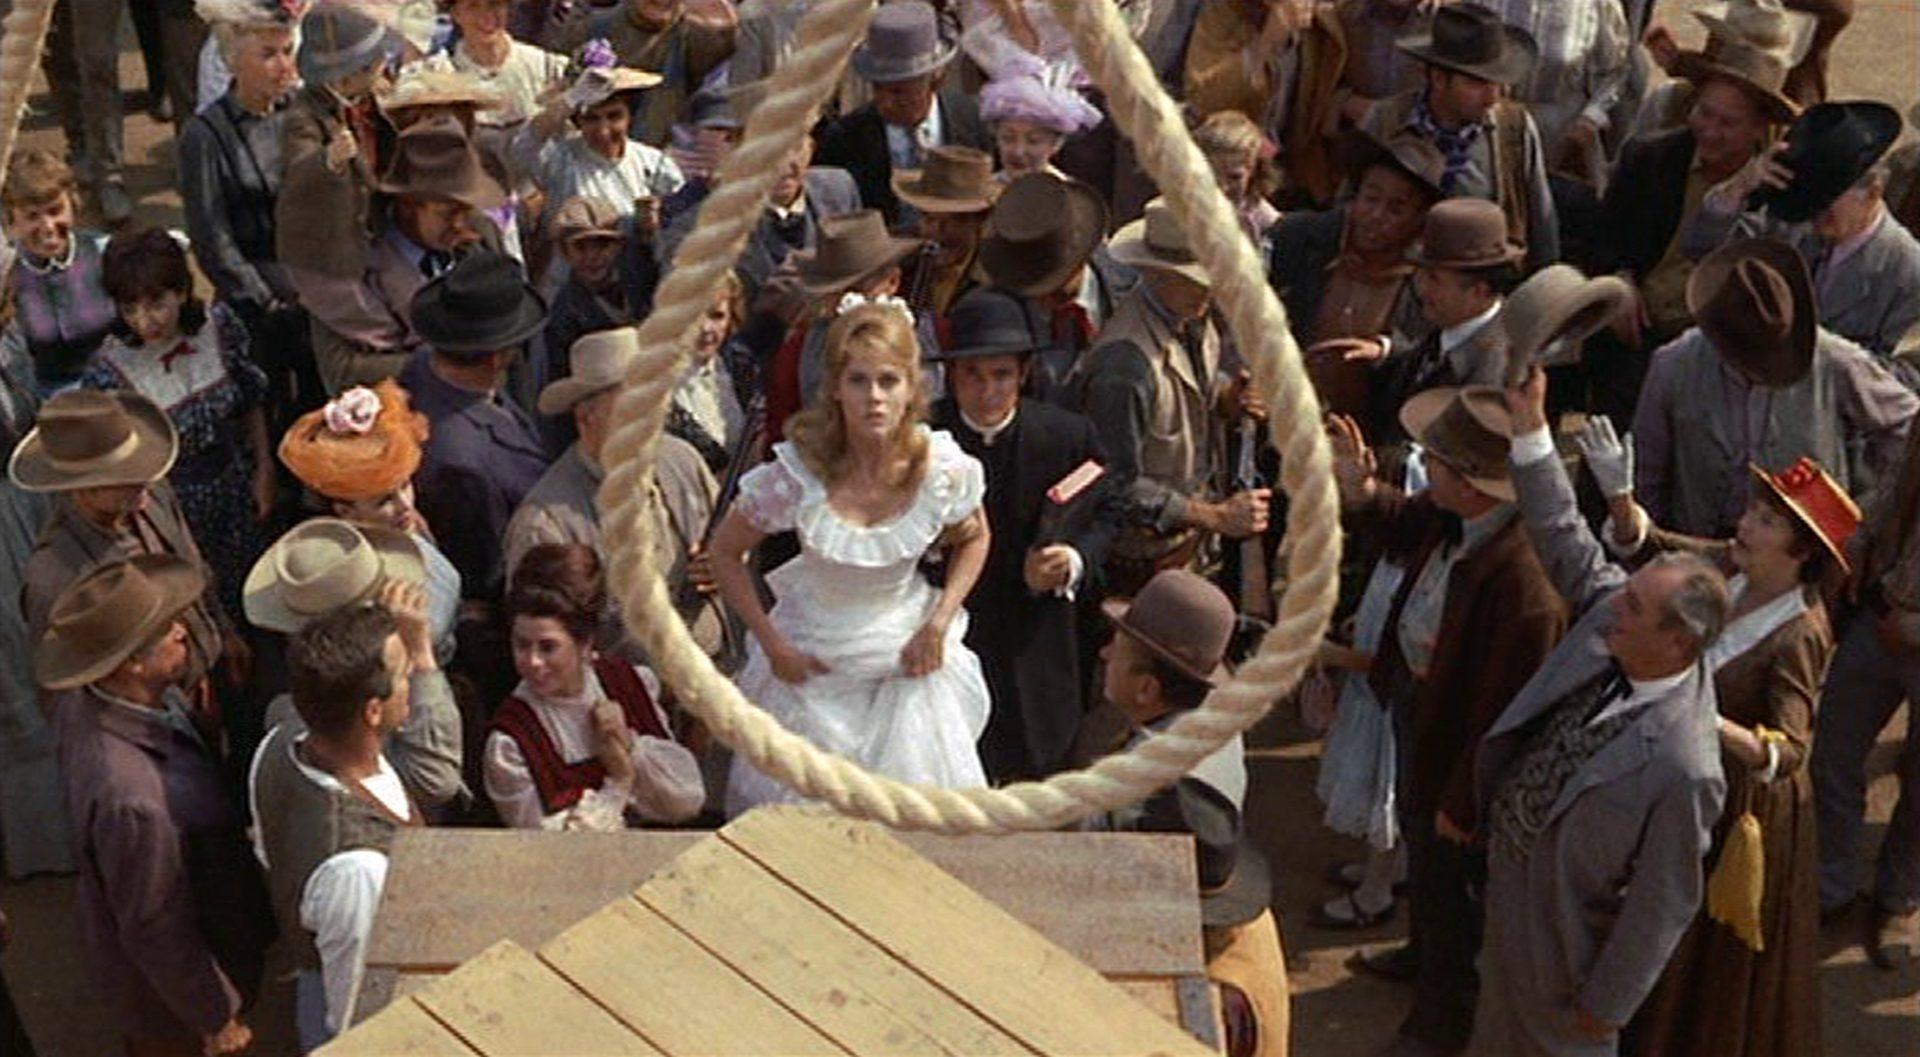 Blick durch die Galgenschlinge auf Cat Ballou in weißem Kleid inmitten eines Lynchpublikums.